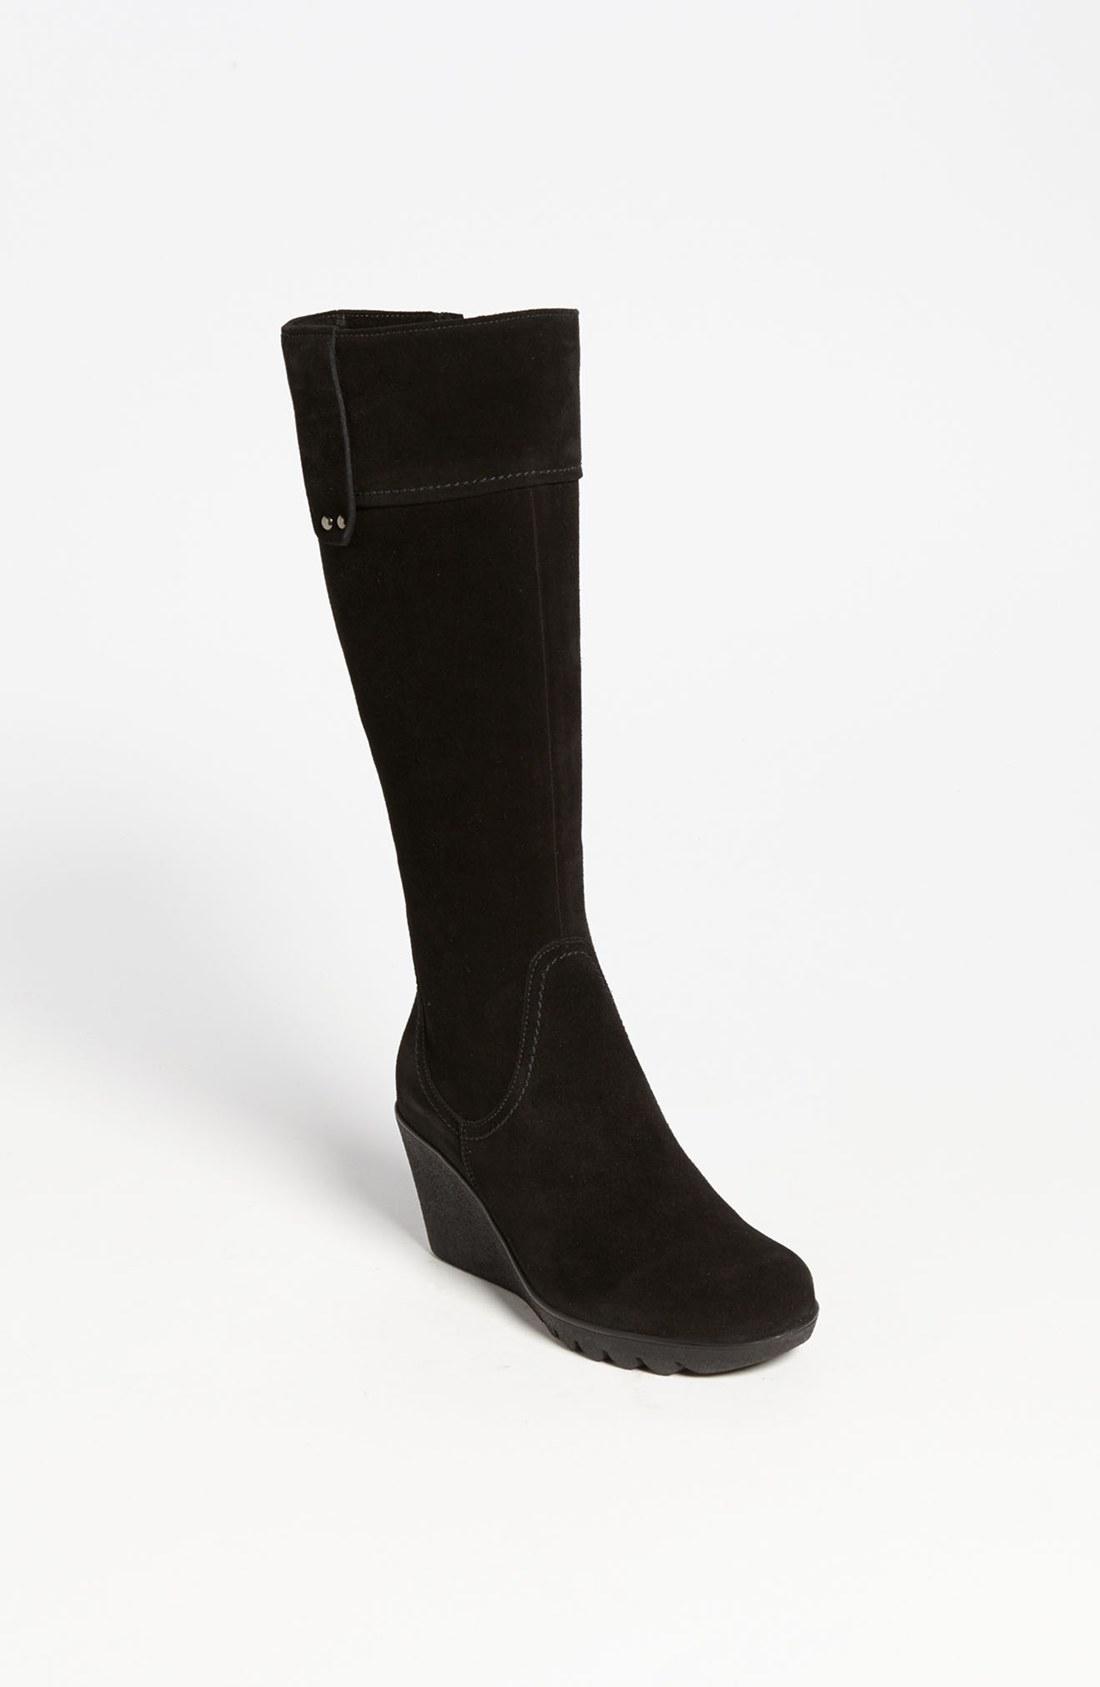 la canadienne berkley waterproof boot in black black